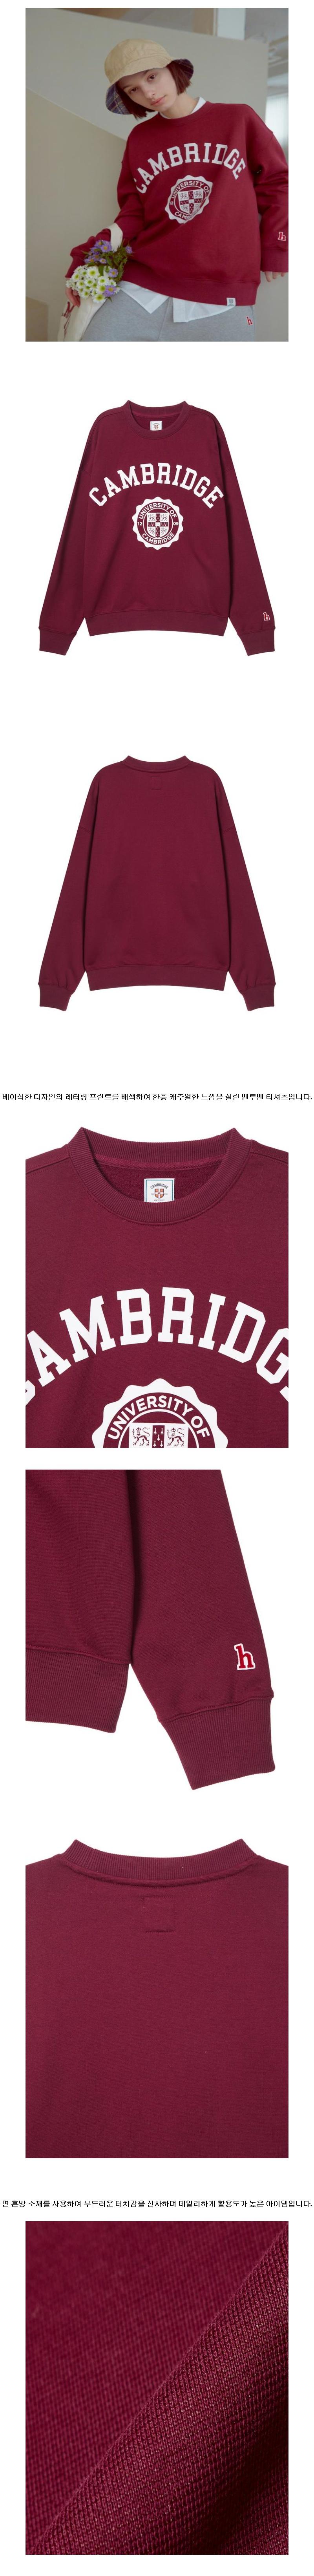 헤지스(HAZZYS) [HIS X CAMBRIDGE]와인 레터링 솔리드 맨투맨 티셔츠